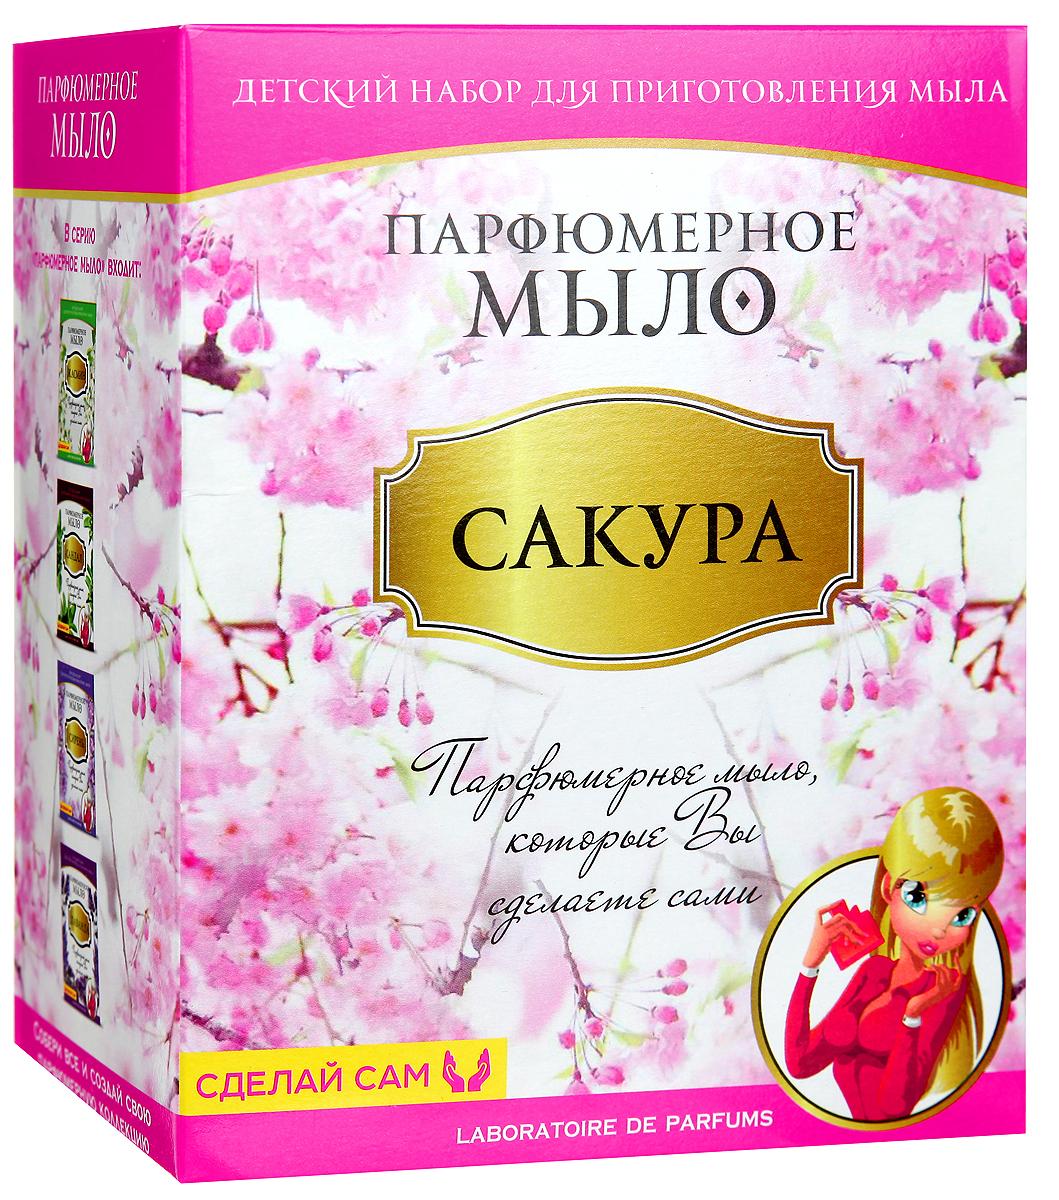 Master IQ Набор для изготовления парфюмерного мыла СакураМ018Парфюмерное мыло - это новый косметический продукт, обладающий сочетанными свойствами мыла и духов. Оно прекрасно очищает кожу и придаёт ей освежающий аромат сакуры. С помощью набора для изготовления парфюмерного мыла Master IQ Сакура ребёнок своими руками сделает прекрасный подарок для мамы и своих подруг. Состав набора: парфюмерное масло сакура; прозрачная мыльная основа 150 г; 2 флакончика натуральных пищевых красителей; 2 формы для мыла; стаканчик; защитные перчатки; 2 палочки для размешивания.